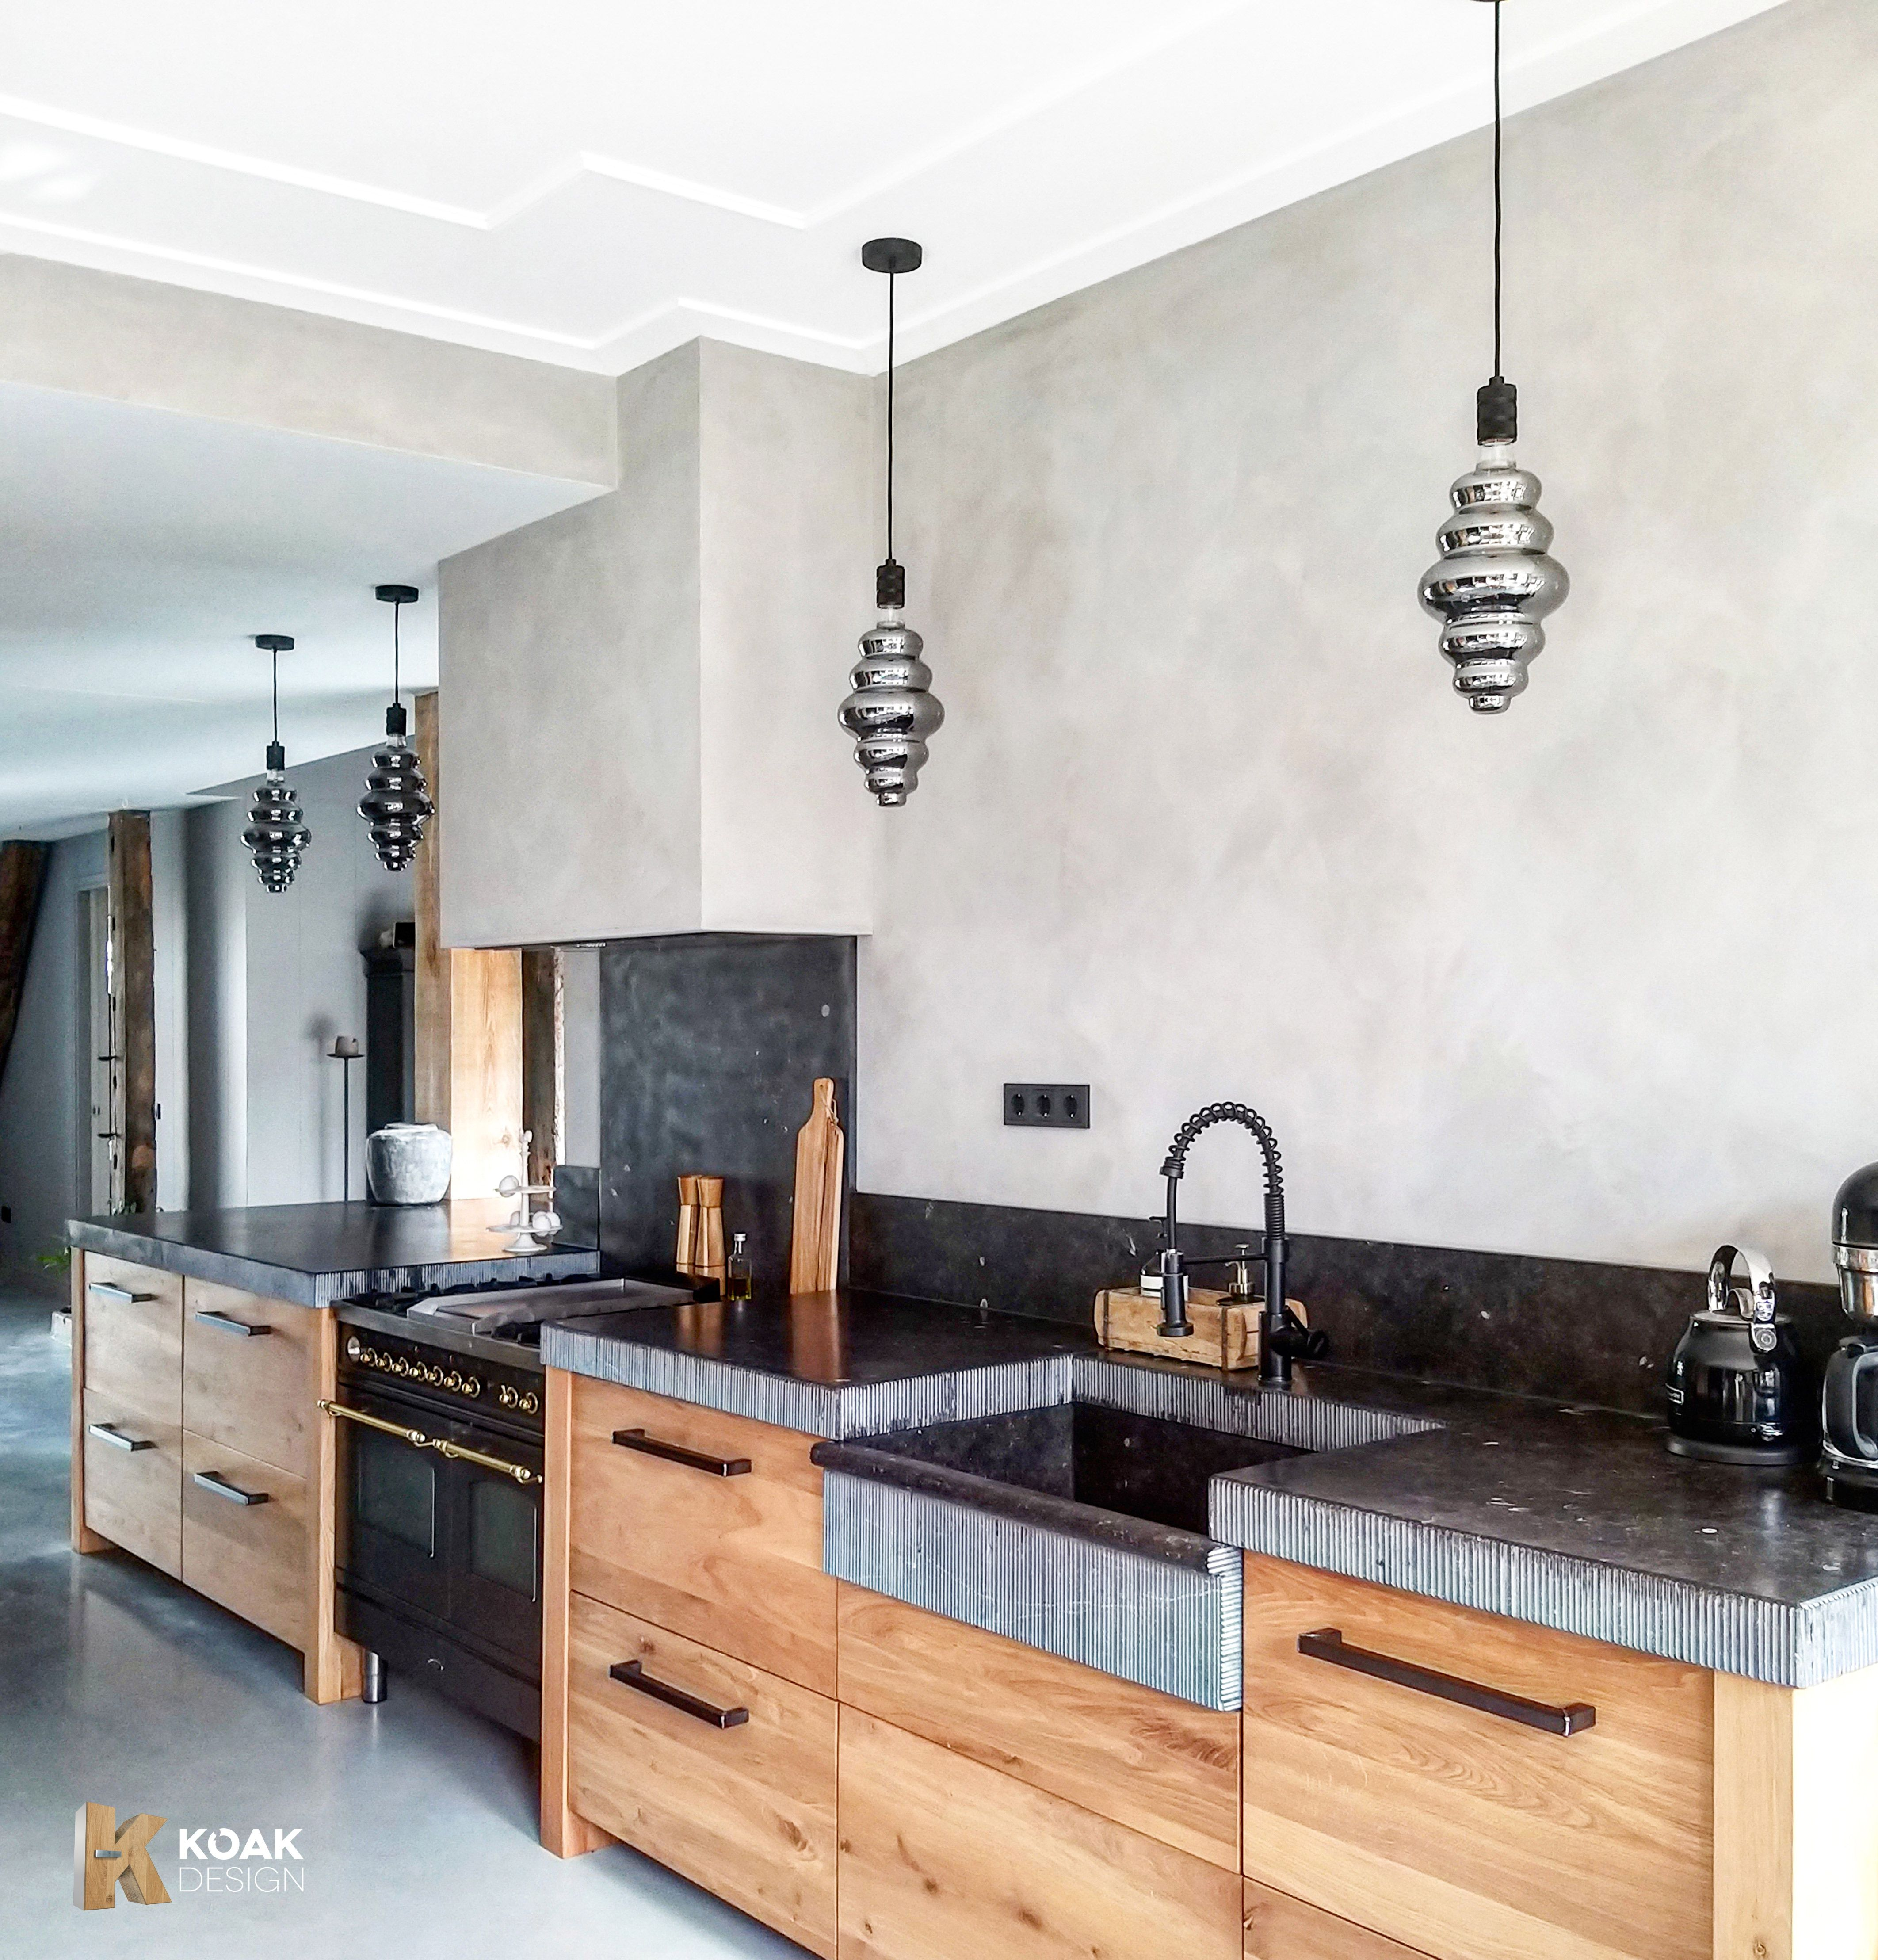 Koak Design Maakt Fronten Voor Ikea Keukens Metod Van Echt Hout Landelijke Keuken Keukenstijl Gerenoveerde Keuken